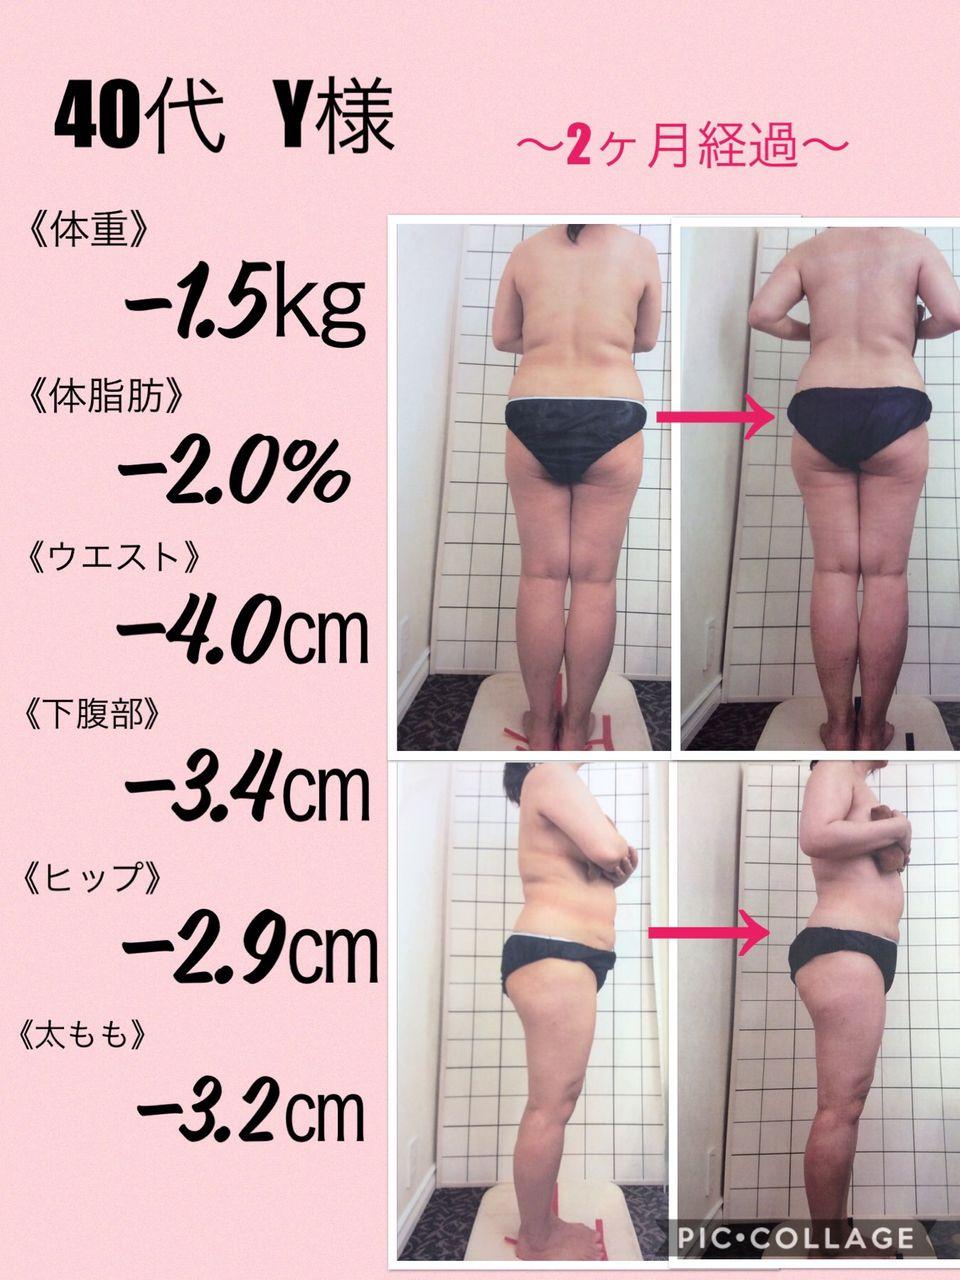 体重ばかり気にしていてもダメなんです!